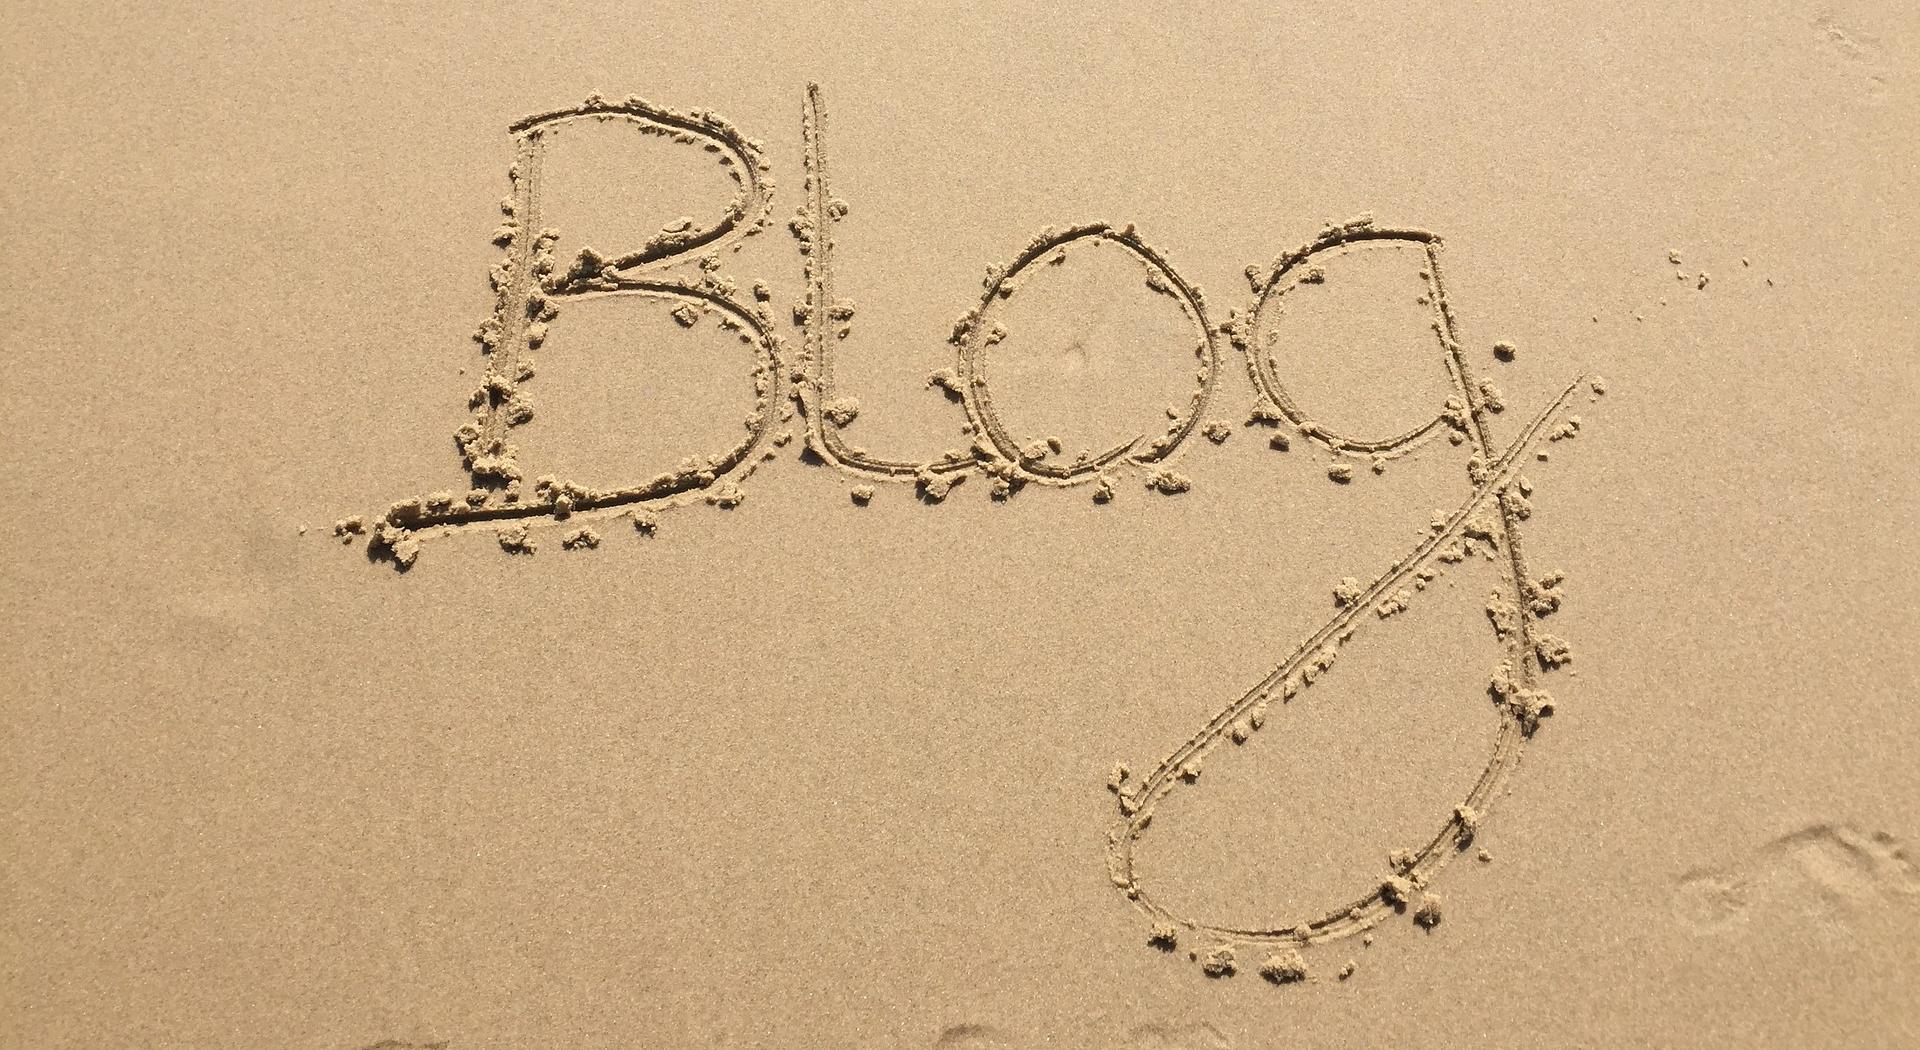 Gli errori che danneggiano un blog e relativi consigli